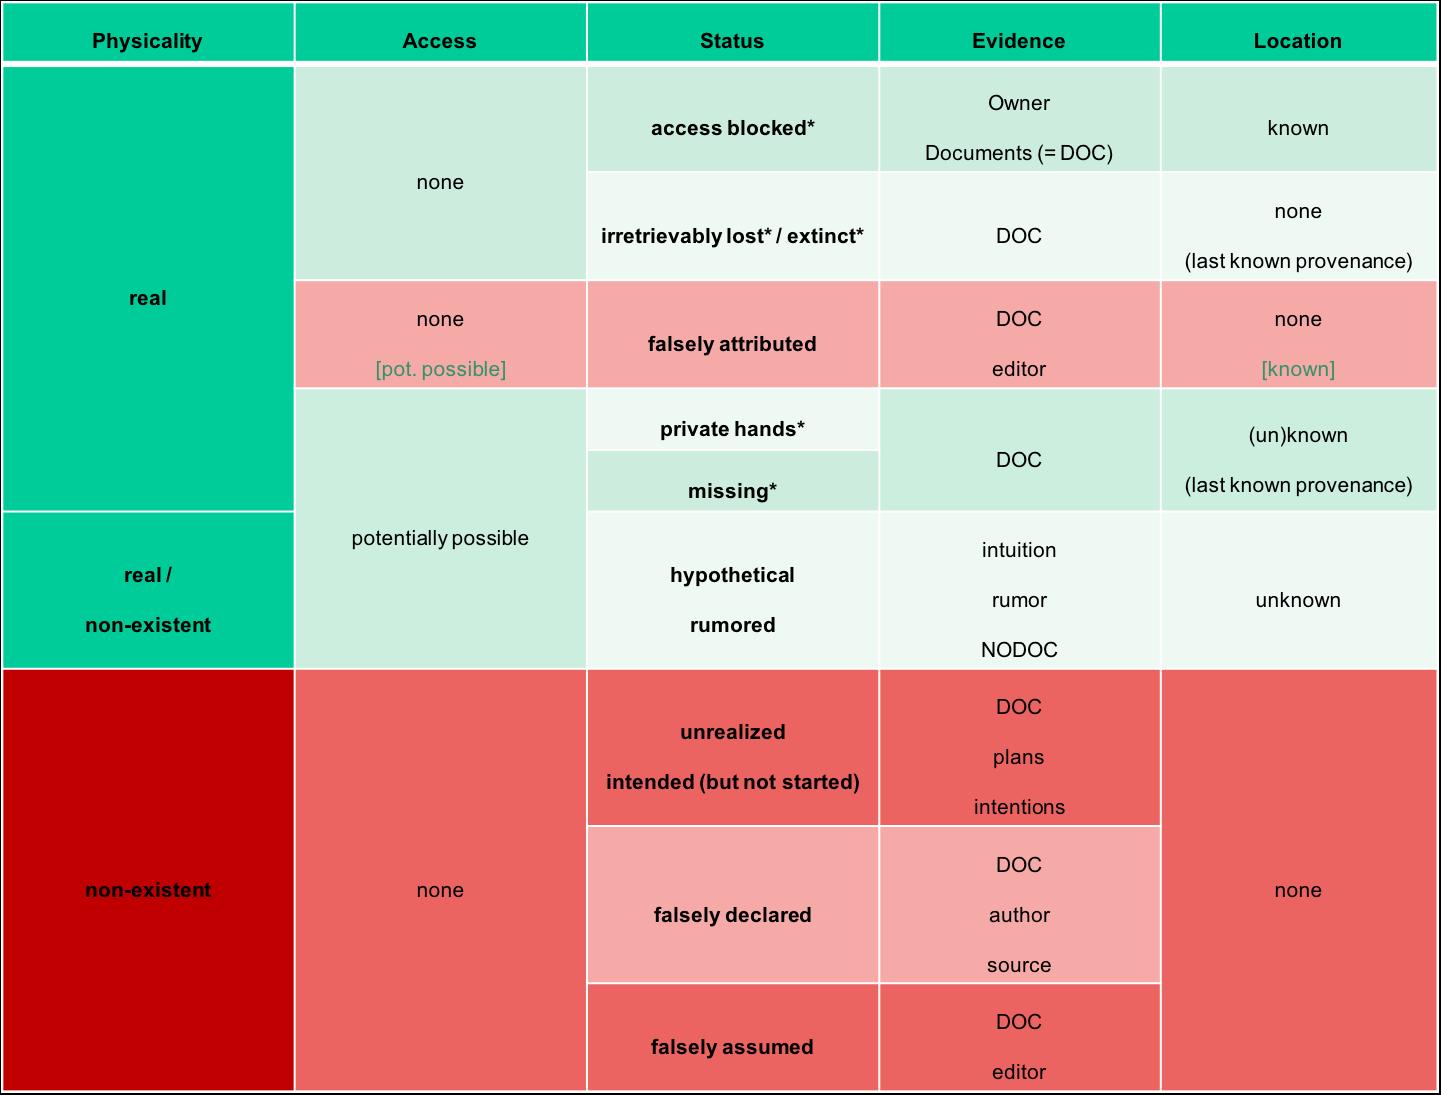 Abb. 1:                                     Zusammenstellung verschiedener Kategorien von Deperdita,                                     unterschieden nach physischer Existenz, Zugangsmöglichkeit,                                     Status, Evidenz und Aufbewahrungsort (DOC = dokumentarisch                                     bezeugte Evidenz). [Eigene Grafik 2018. CC-BY                                         4.0.]